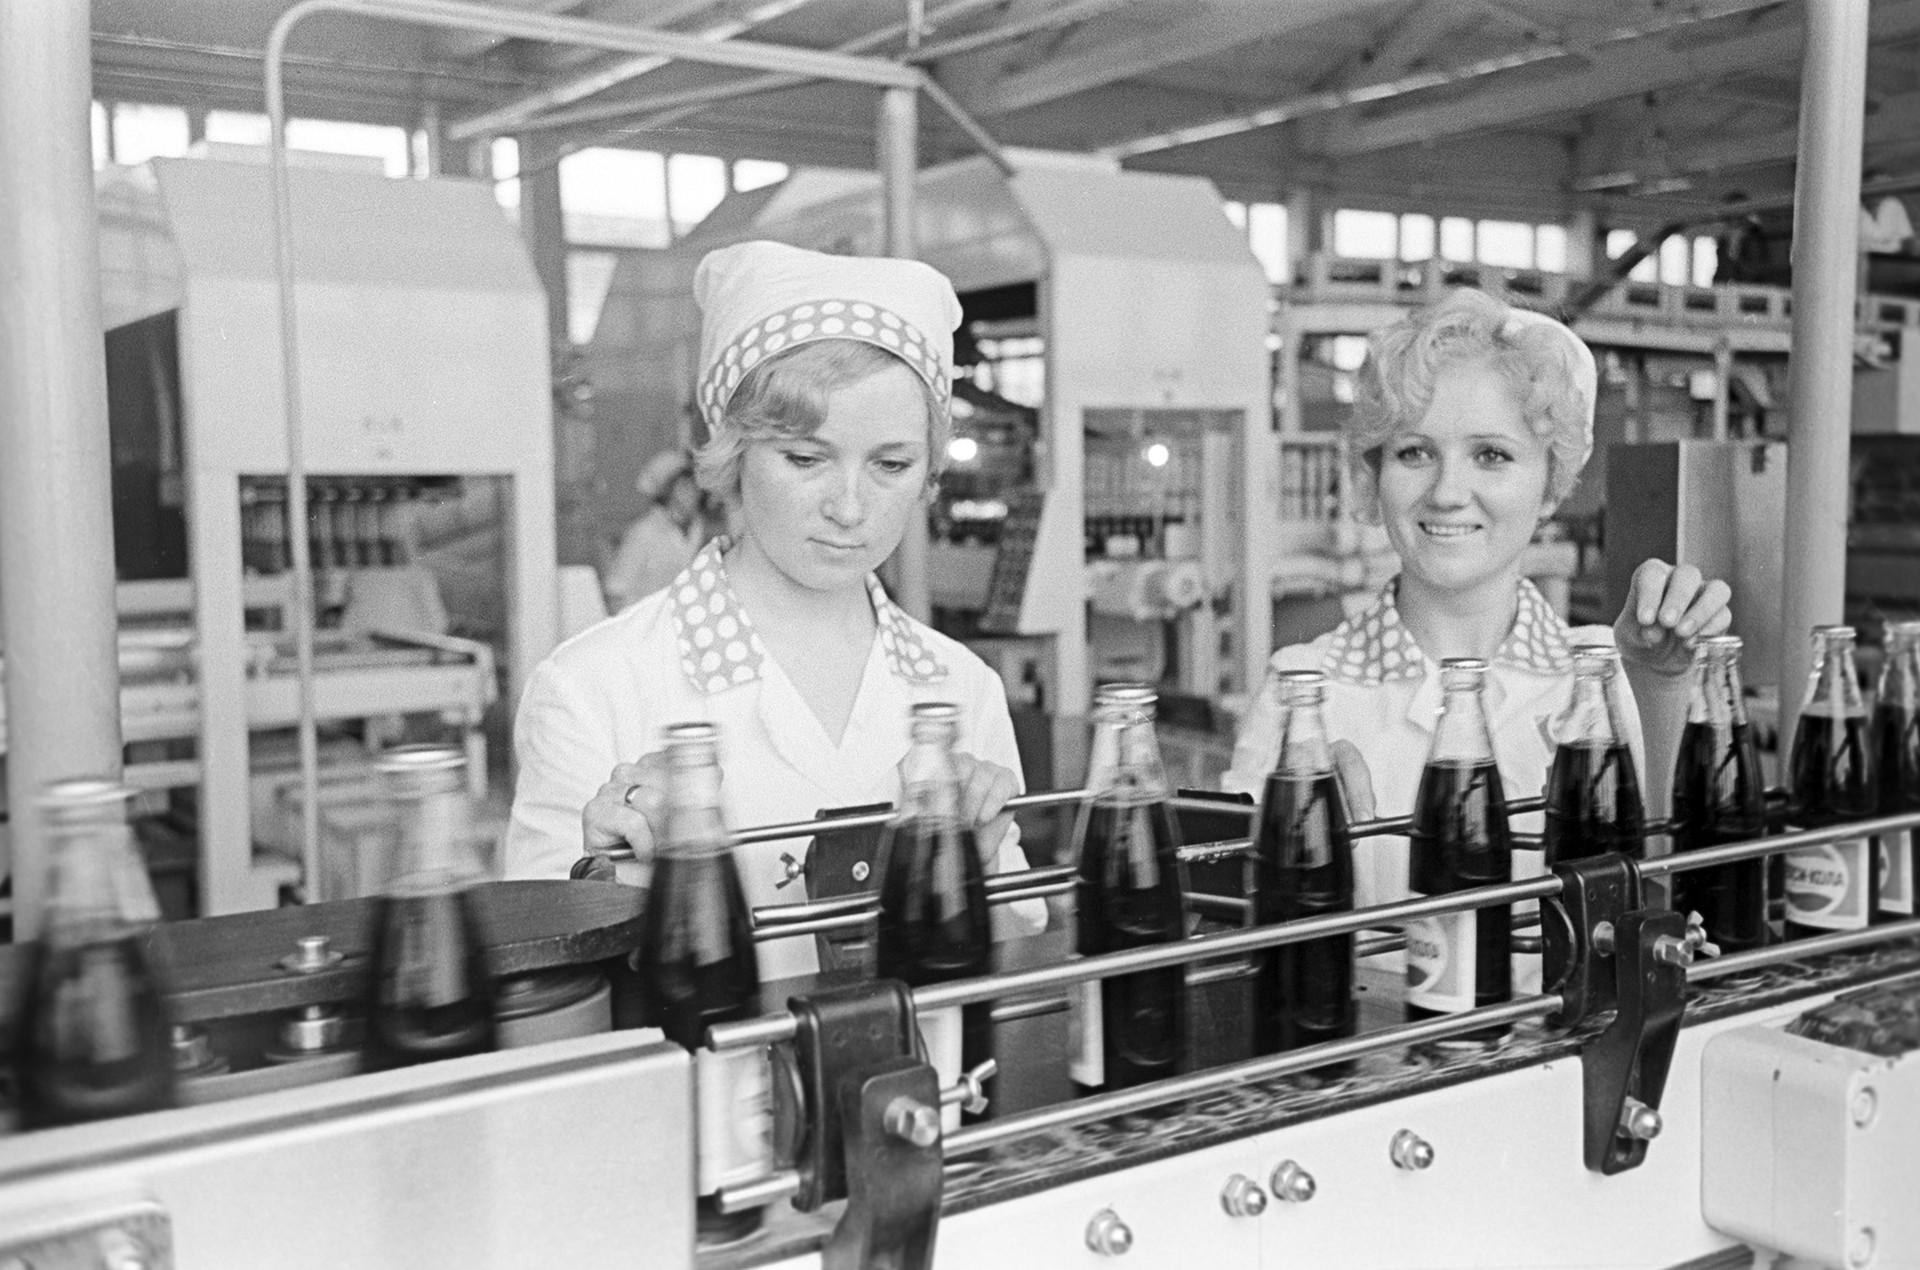 """Фабрика пива у Новоросијску. Производна линија """"пепси-коле"""", 1974."""